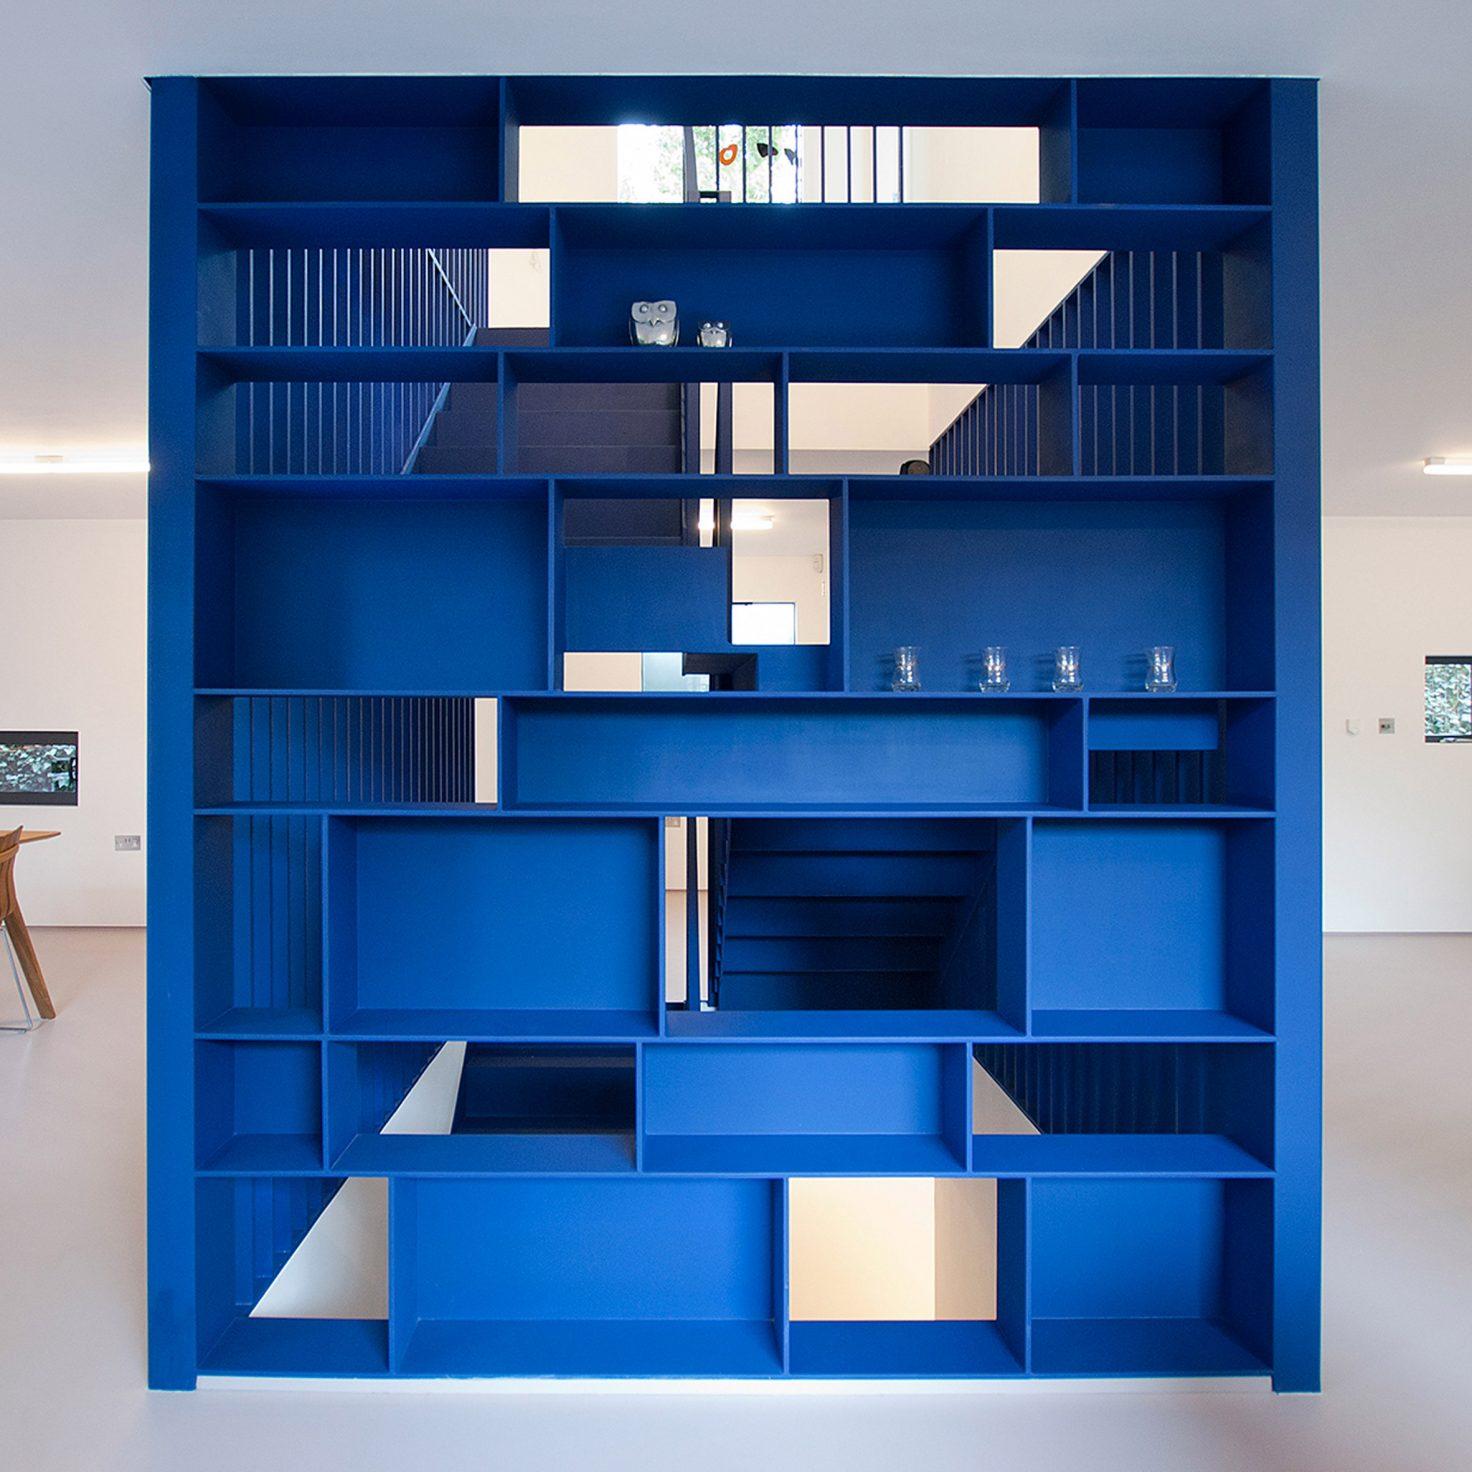 (2)roksanda-ilincic-renovation_ra-projects_dezeen_2364_sq00-1472x1472